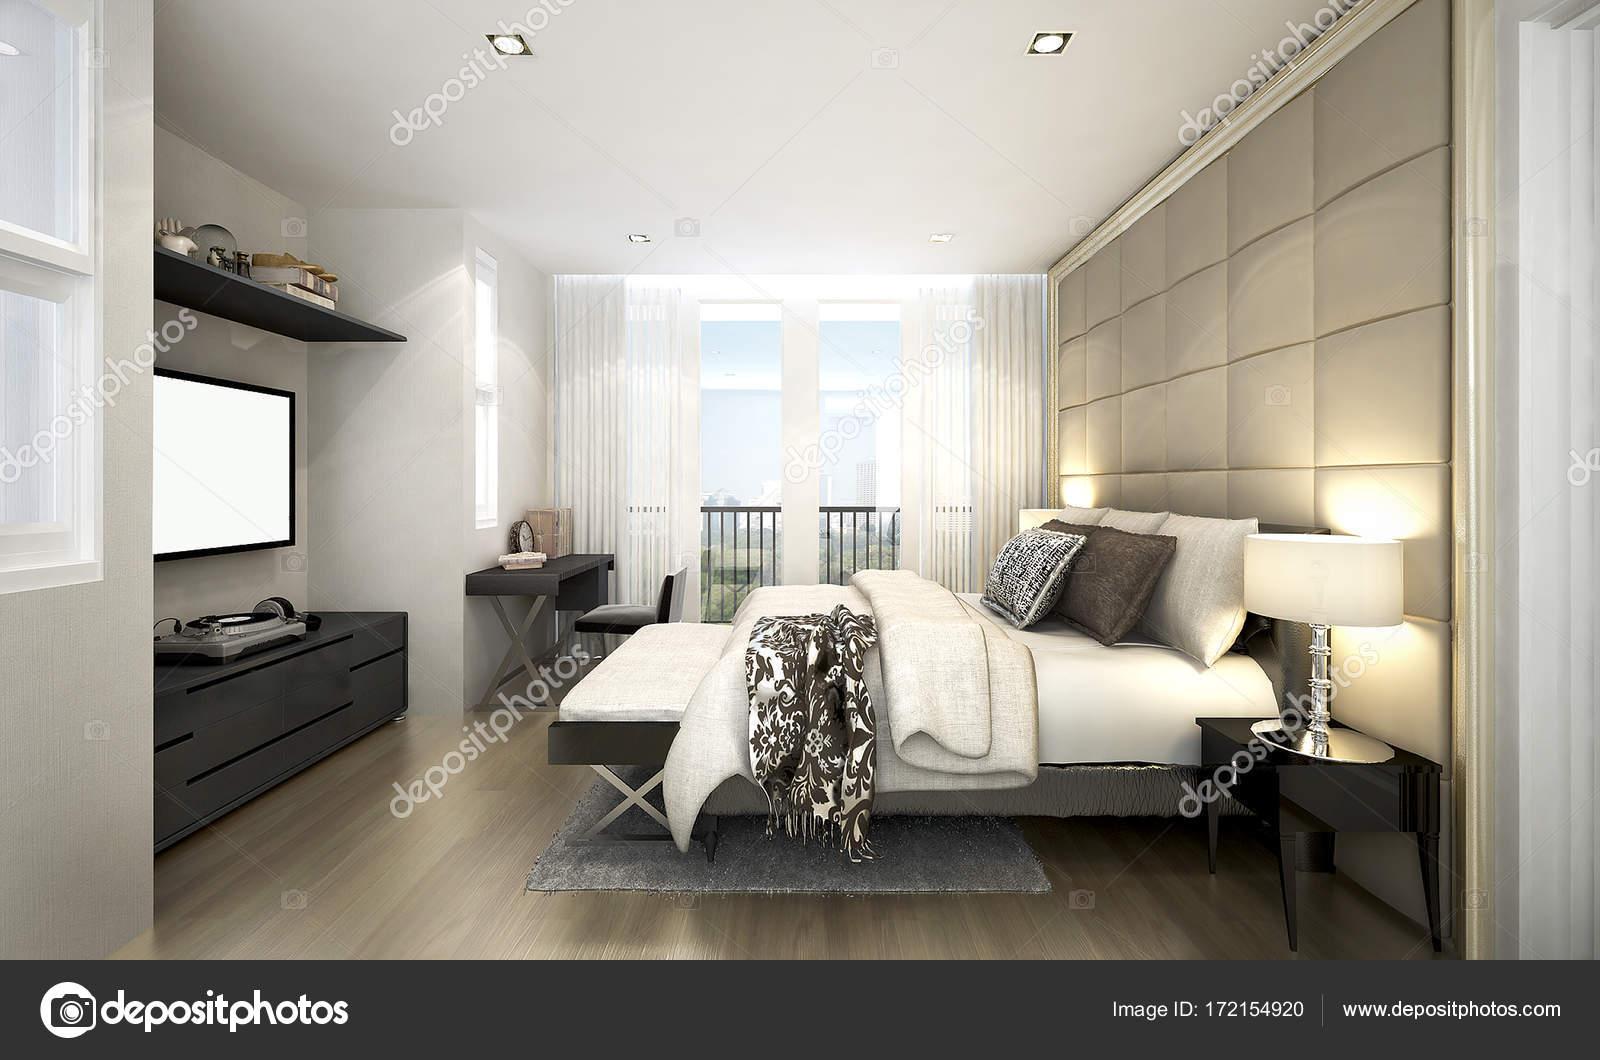 Das Interior Design des Luxus Schlafzimmer und LCD-tv in Wohnung ...